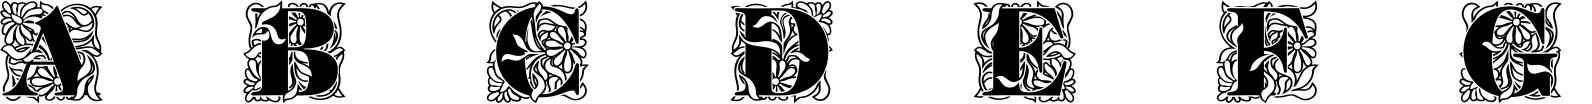 Ornate Initials